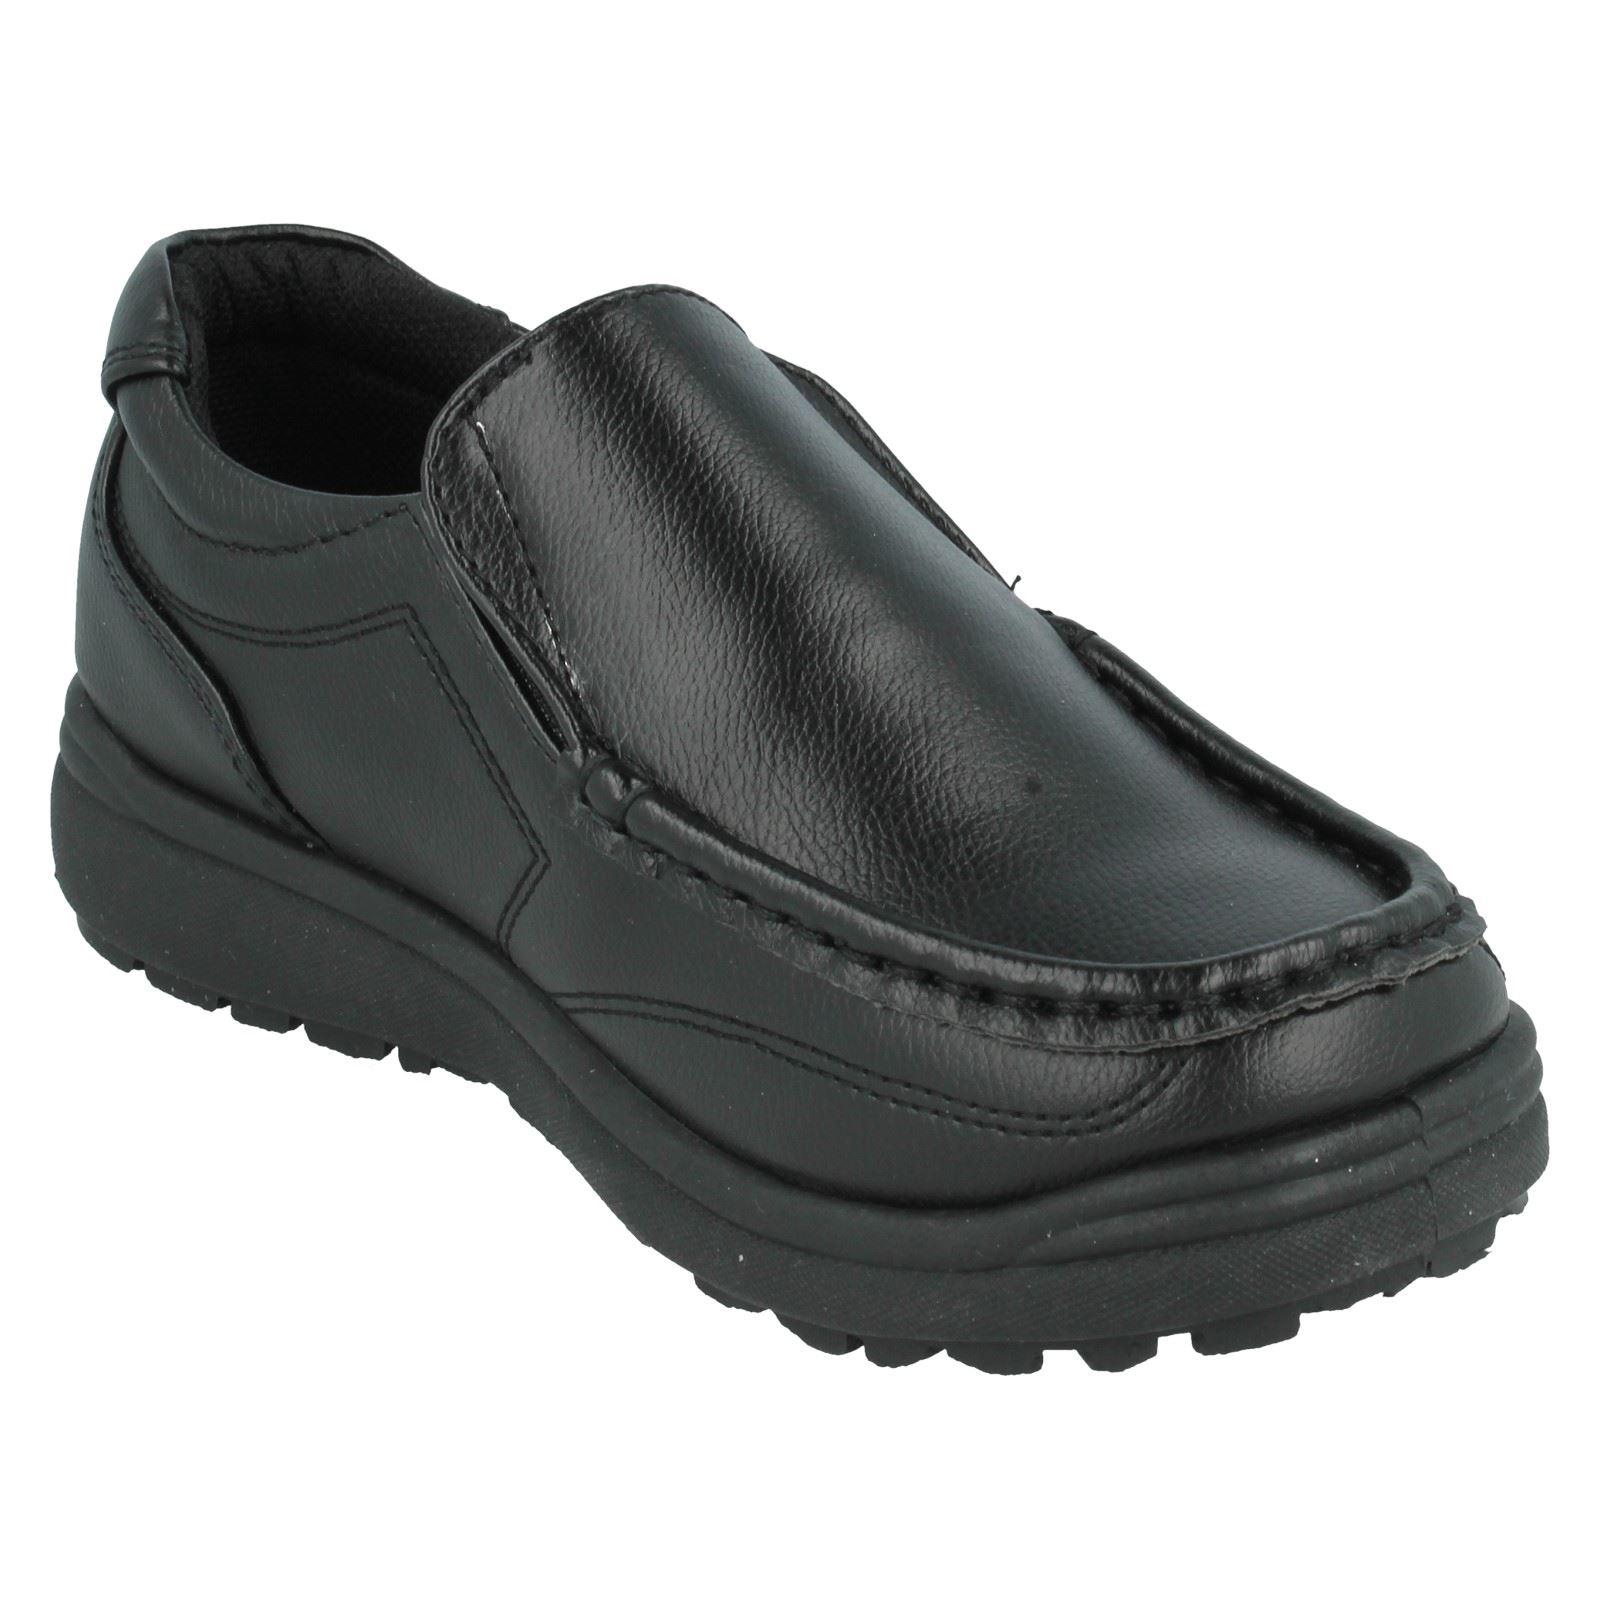 Boys Munki Shoes Style - Jason